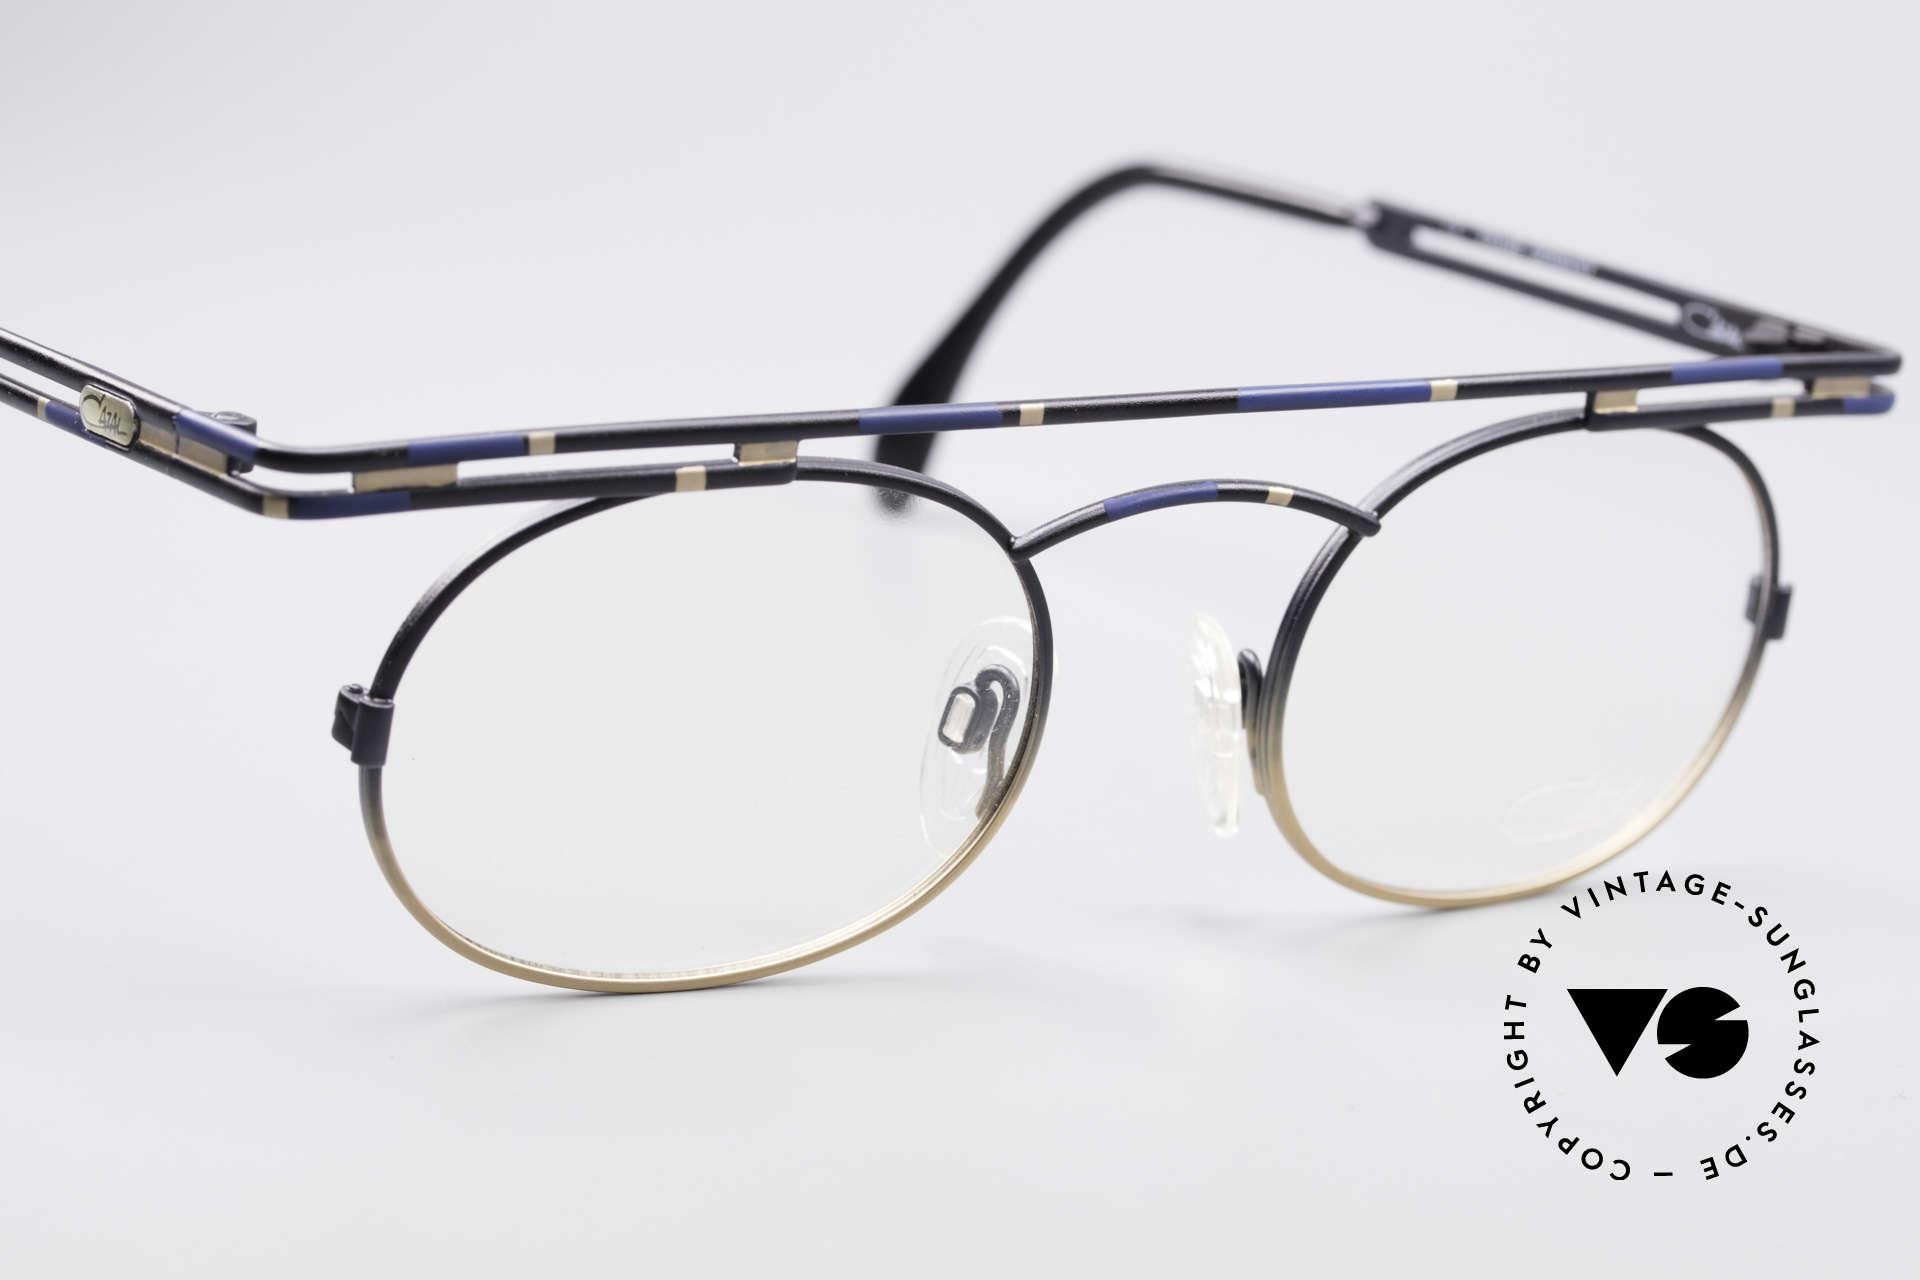 Cazal 761 True Vintage Frame NO Retro, NO RETRO GLASSES, but true VINTAGE eyeglasses!, Made for Men and Women